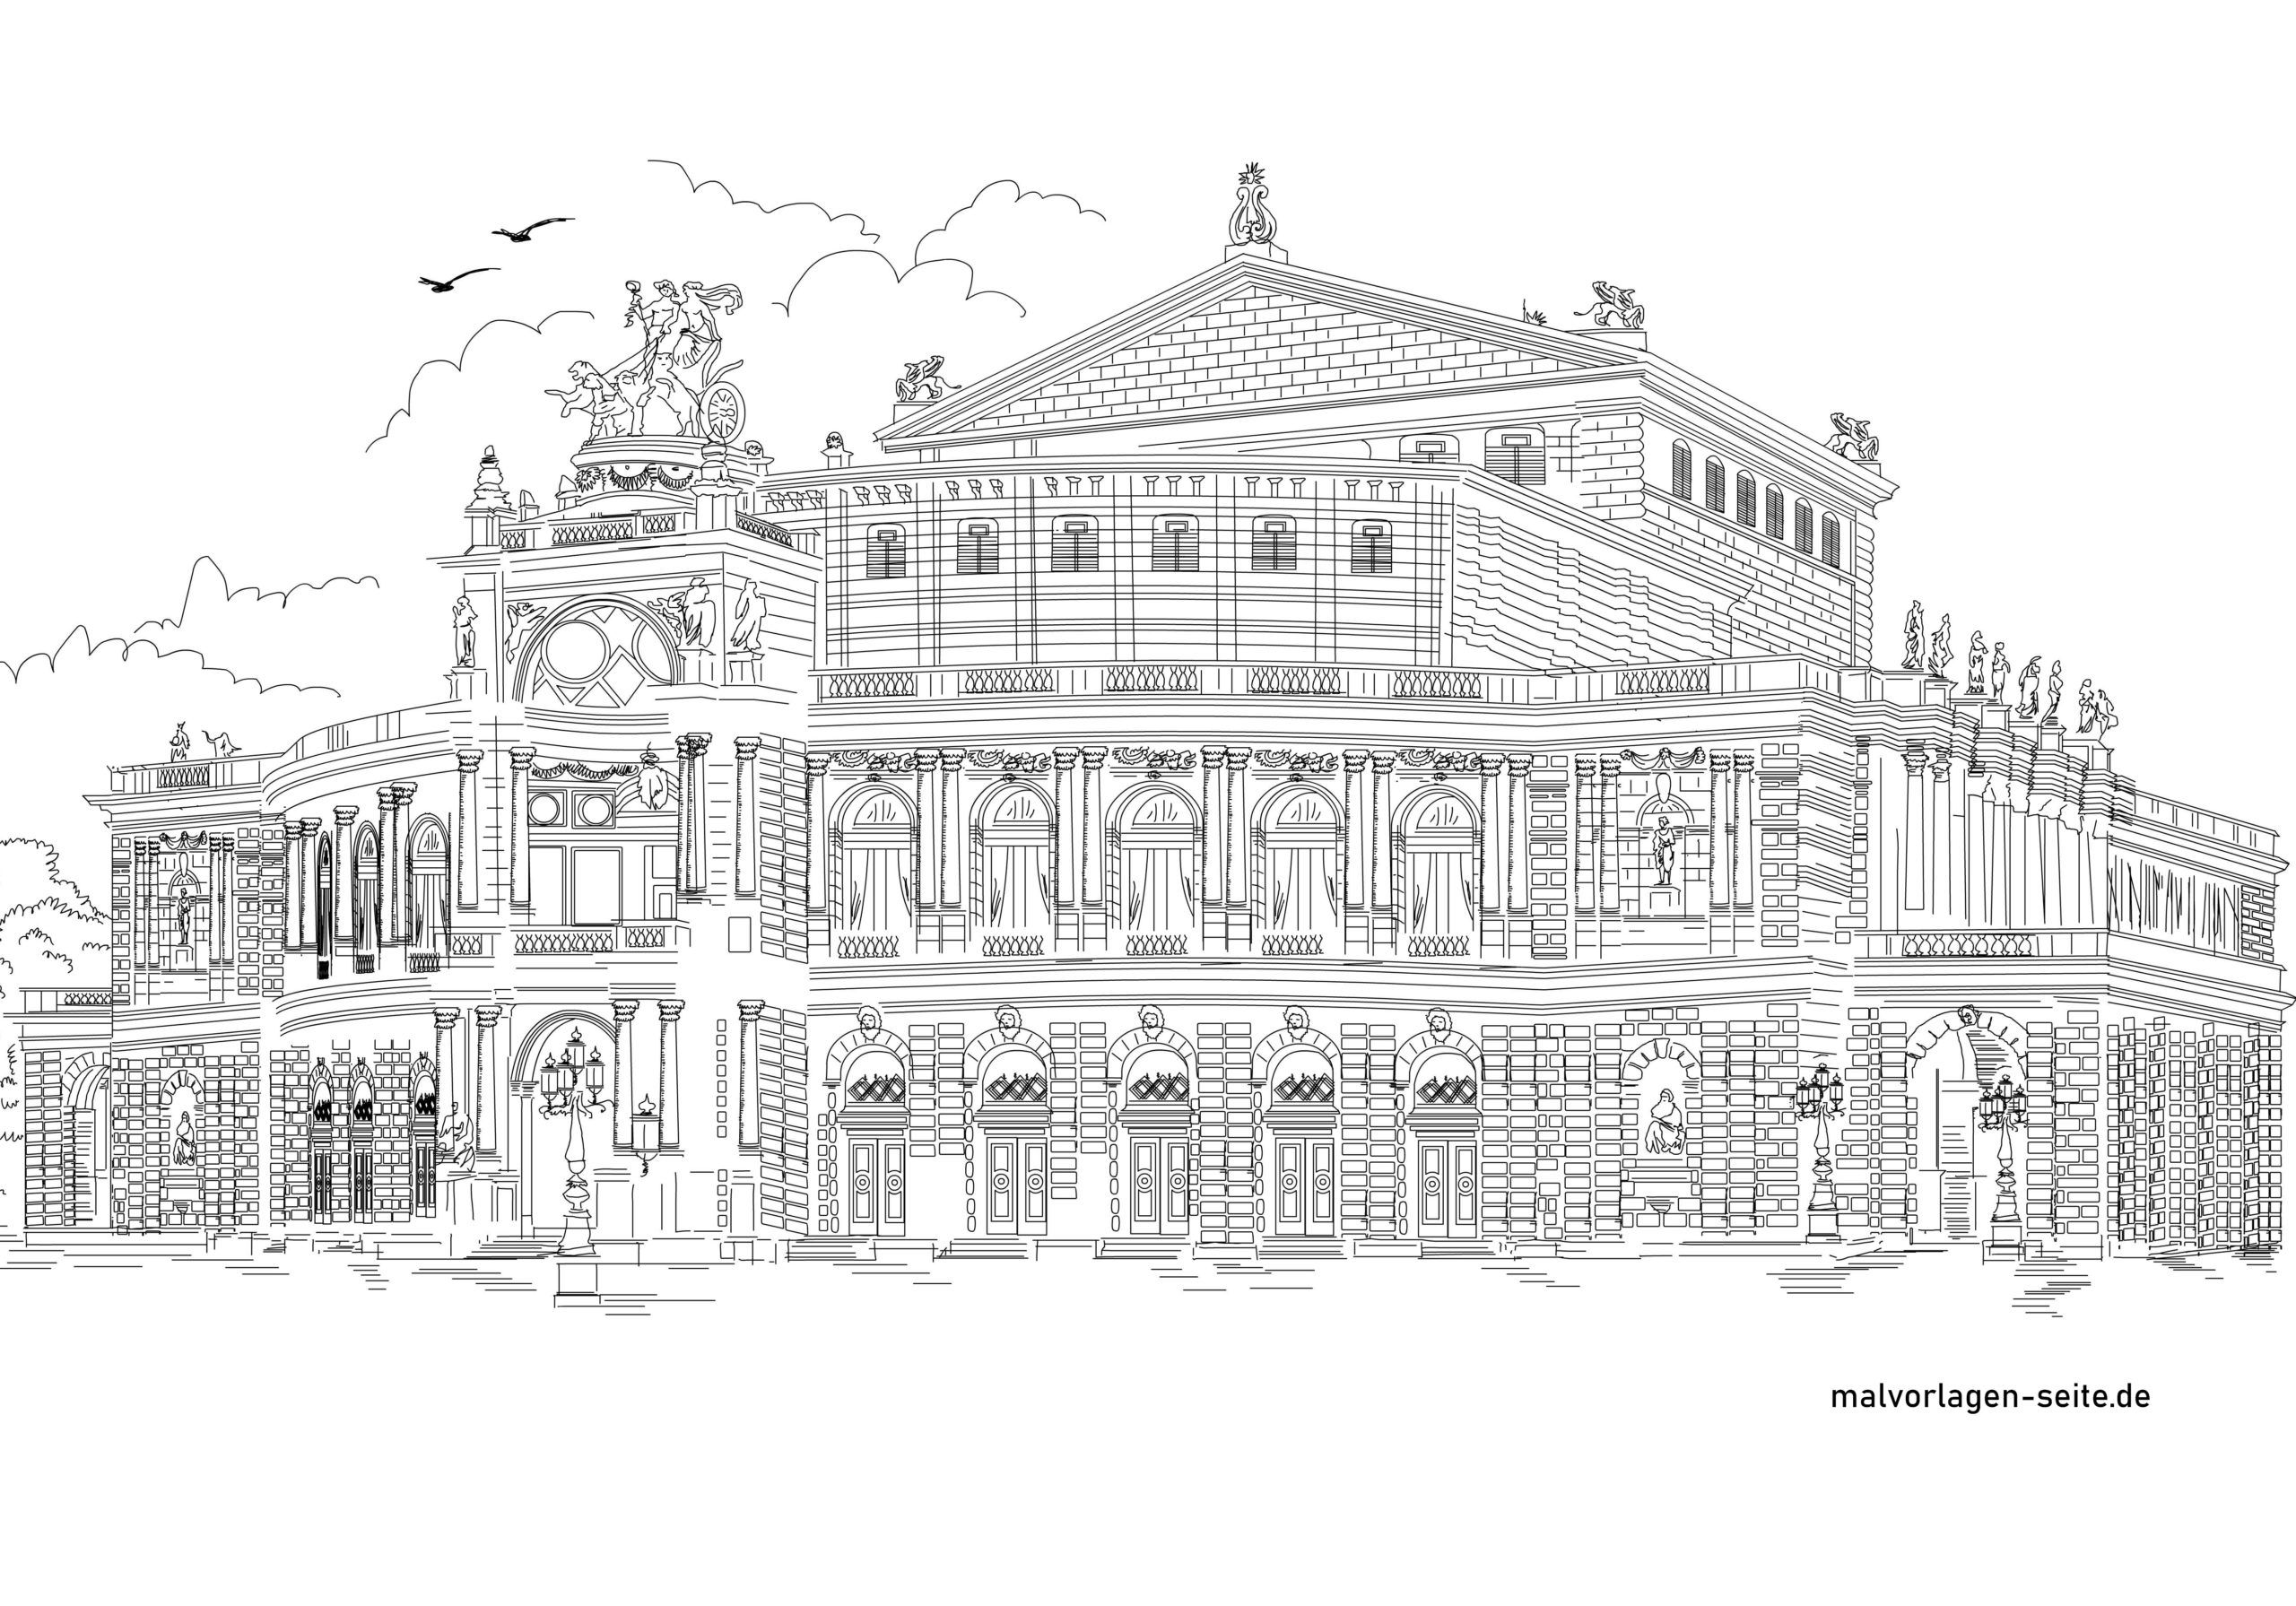 Semperoper-värityssivu, Dresden